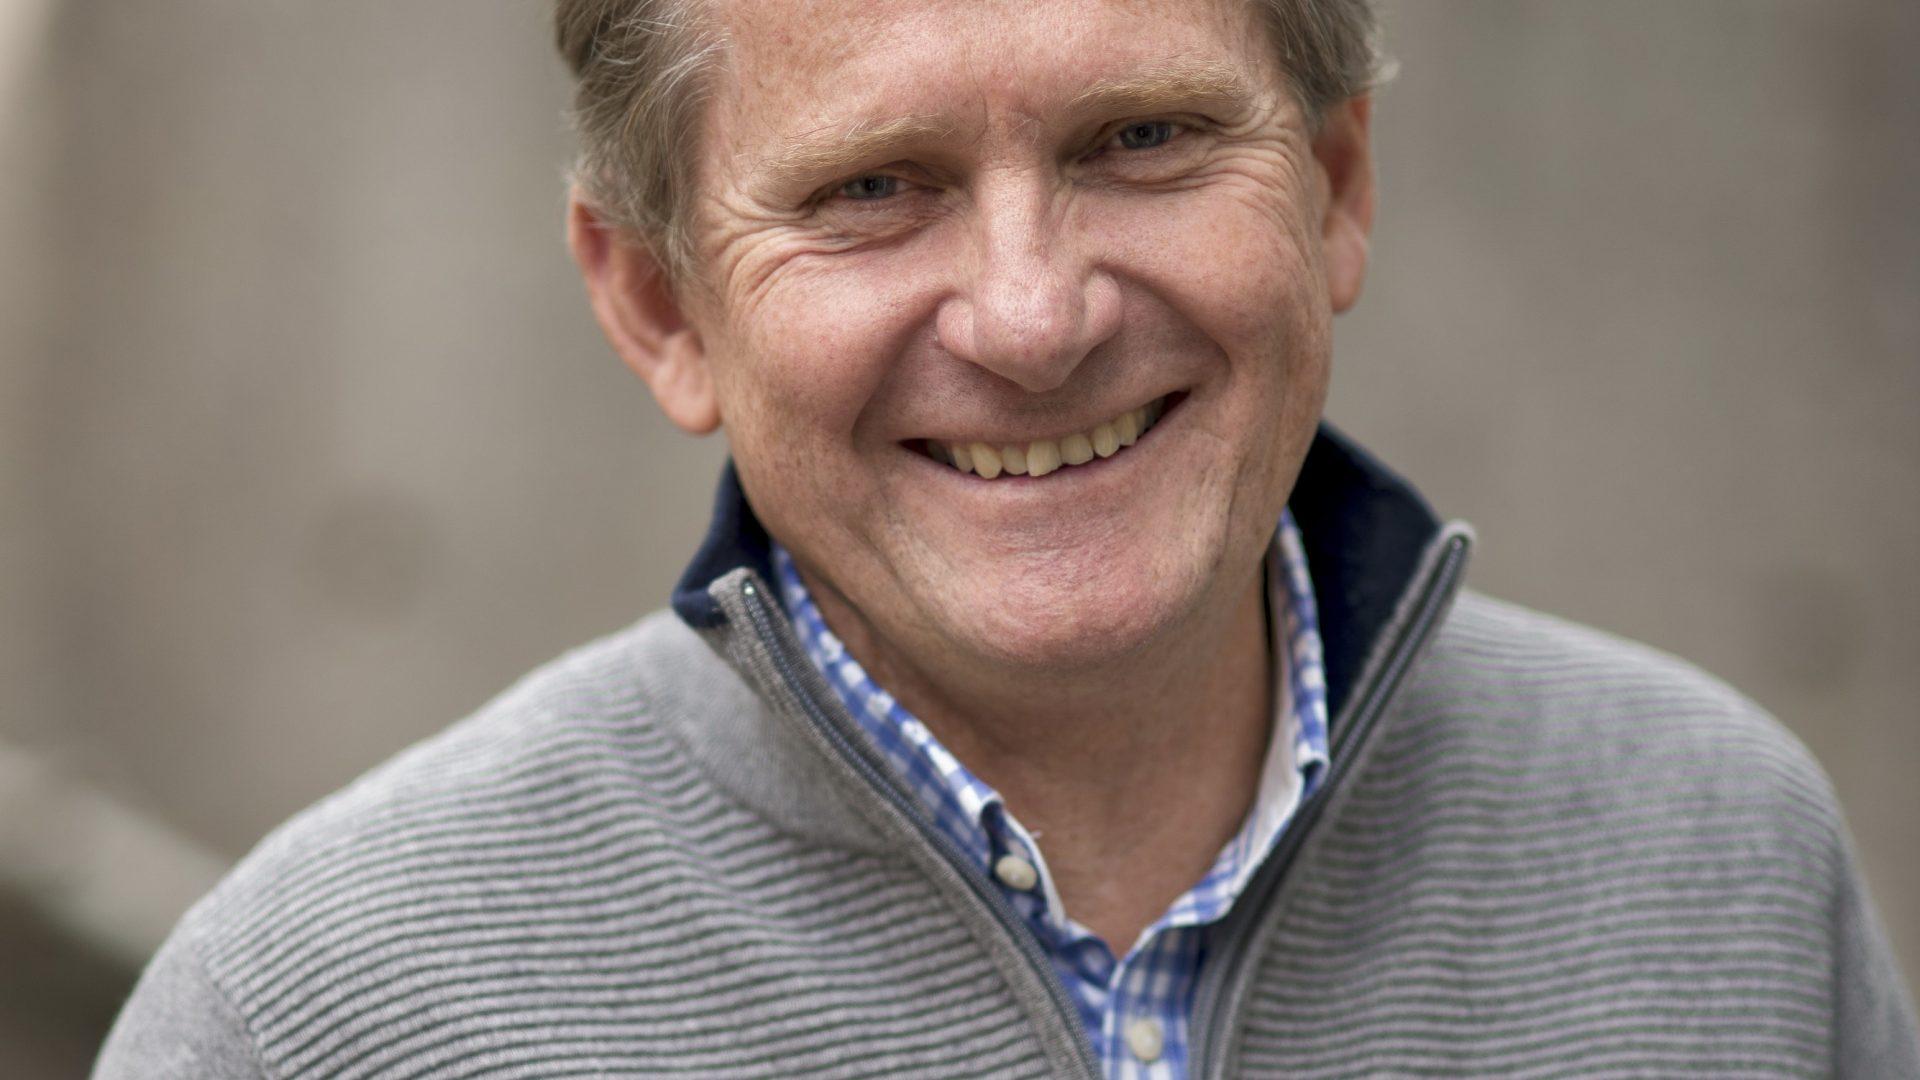 Malcolm McKeon Portrait_DSC7803- Portraitsc